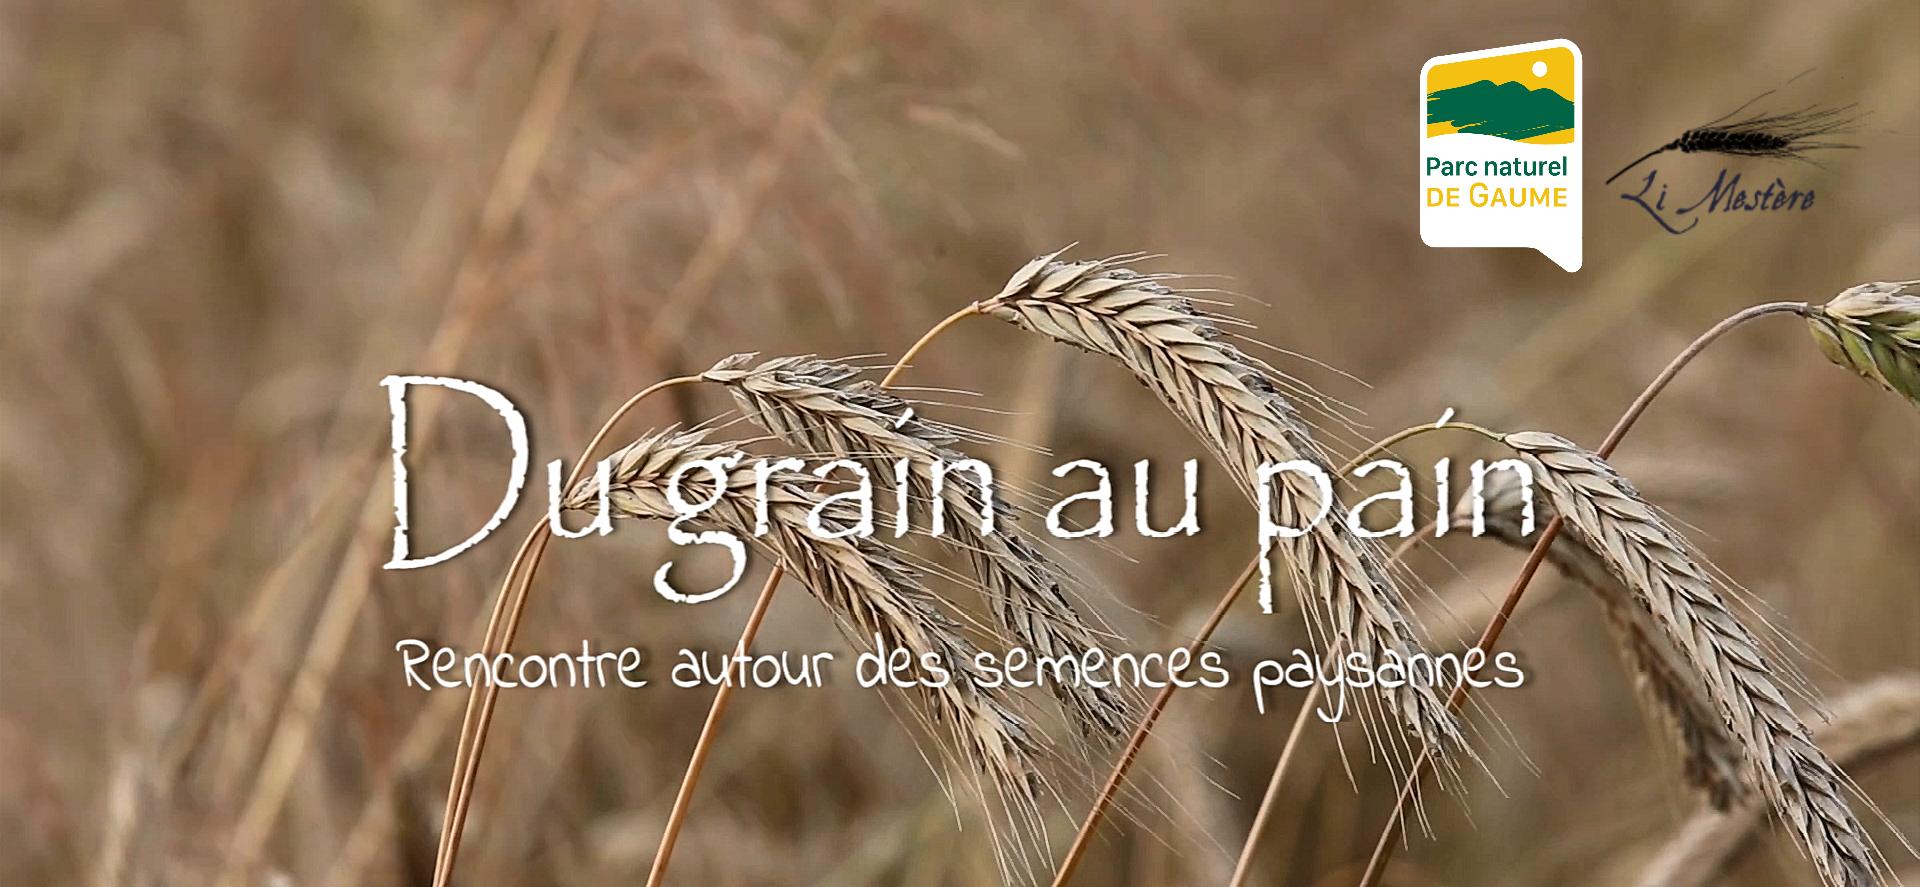 Parc naturel de Gaume : Quel pain voulons-nous ? @ Maison du Parc naturel de Gaume | Tintigny | Wallonie | Belgique